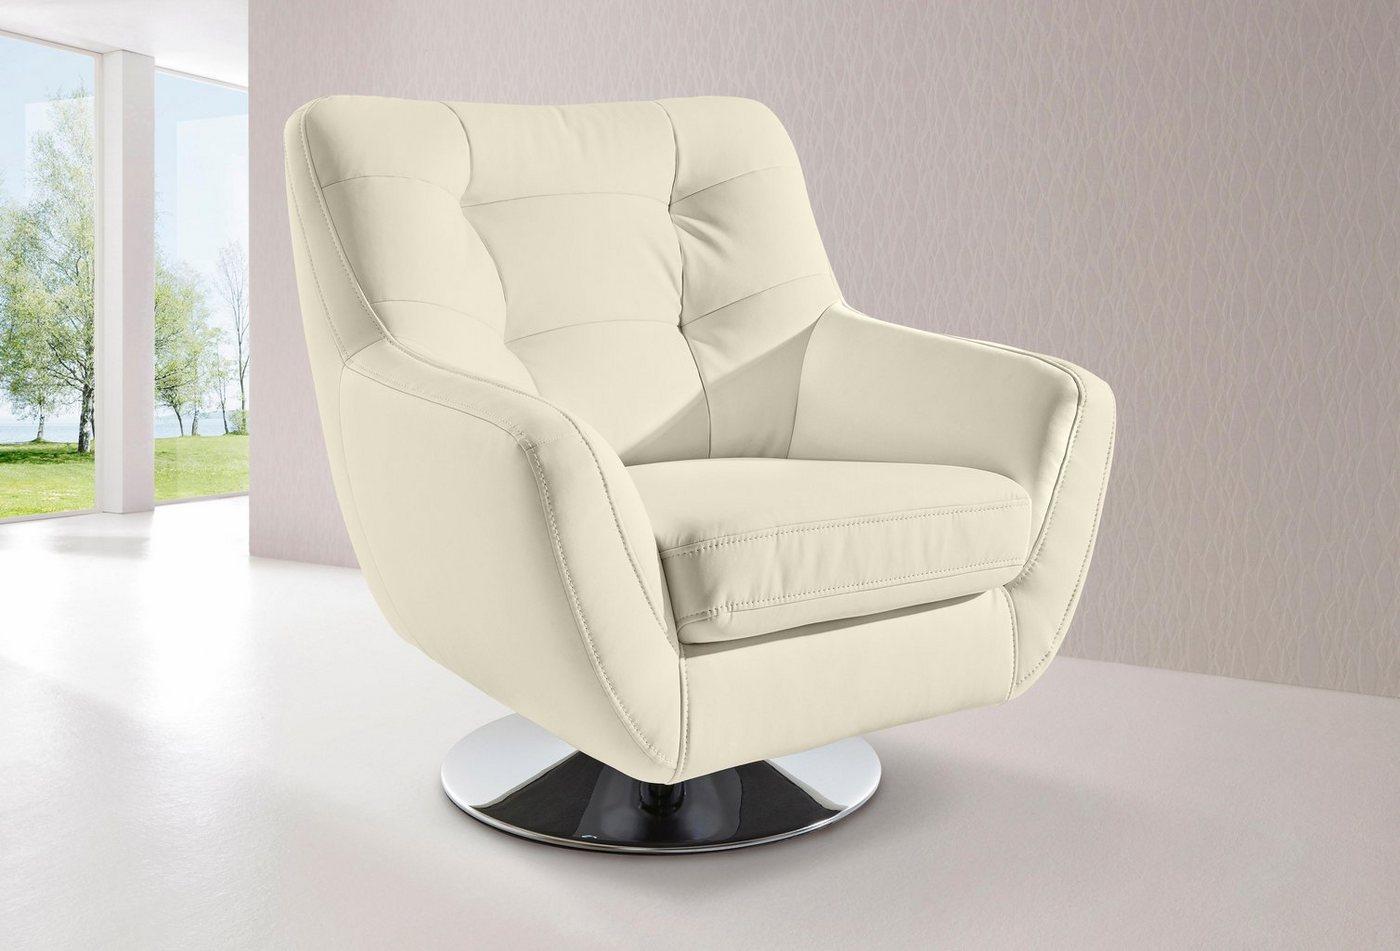 INOSIGN fauteuil met draaivoet